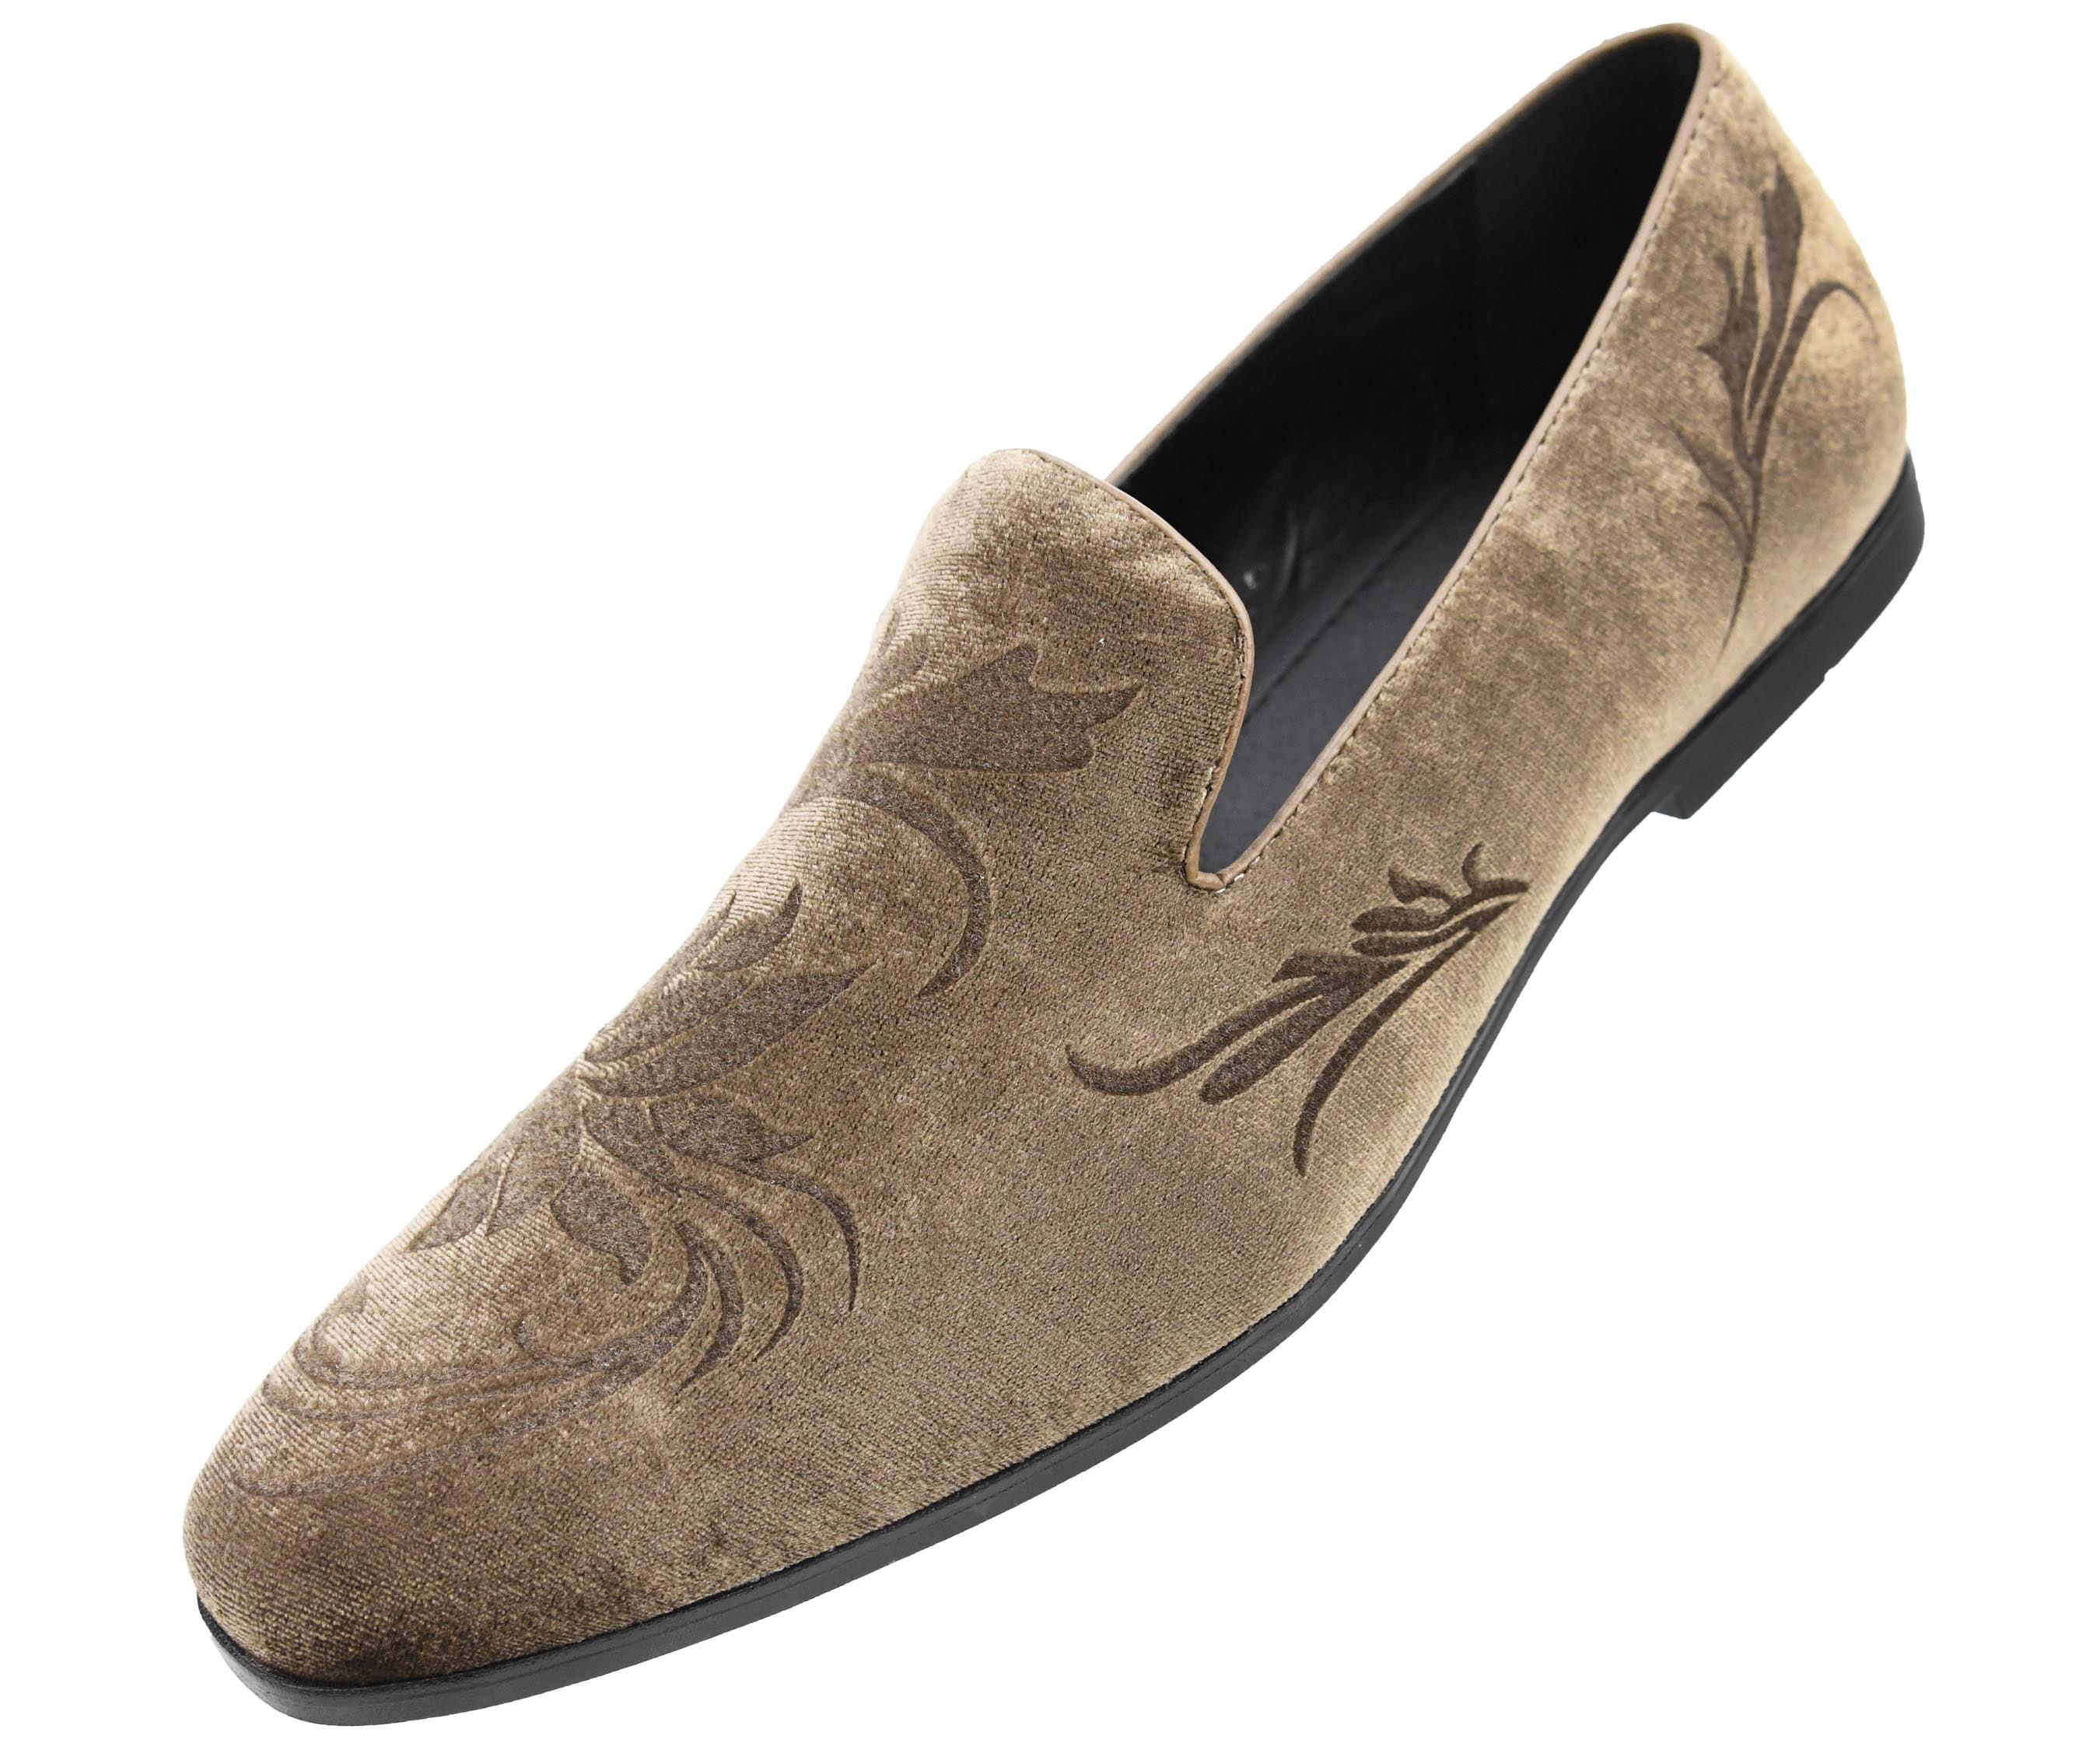 Men/'s Oxfords Faux Leather Fashion Dress Shoes 4805 White Black /& Brown